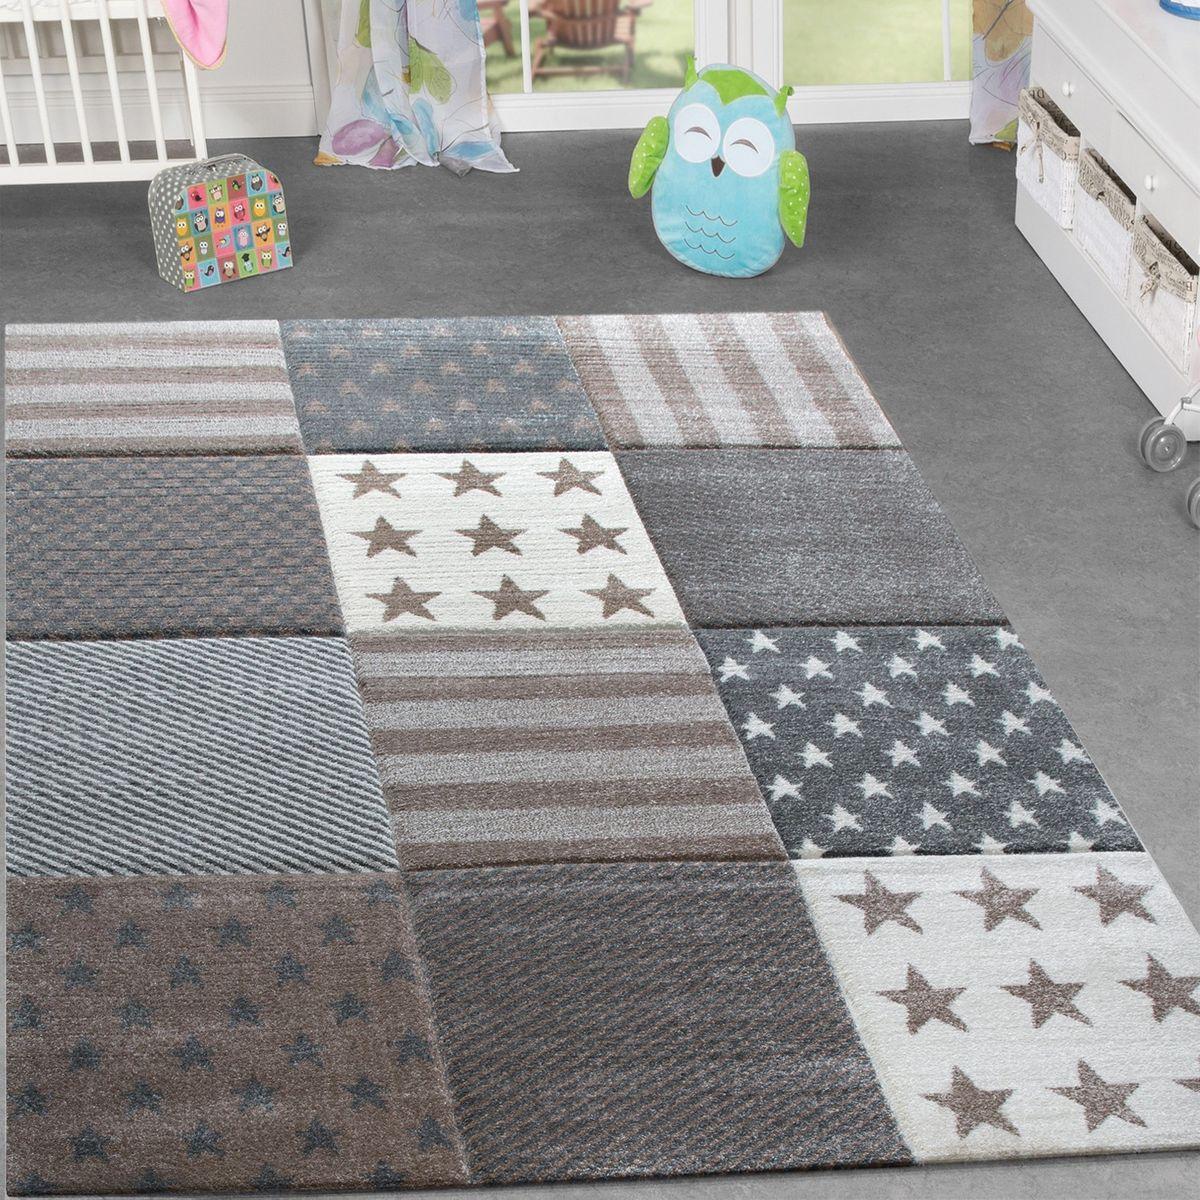 Full Size of Kinderzimmer Spielteppich Stern Design Teppichmax Regal Weiß Sofa Wohnzimmer Teppiche Regale Kinderzimmer Teppiche Kinderzimmer